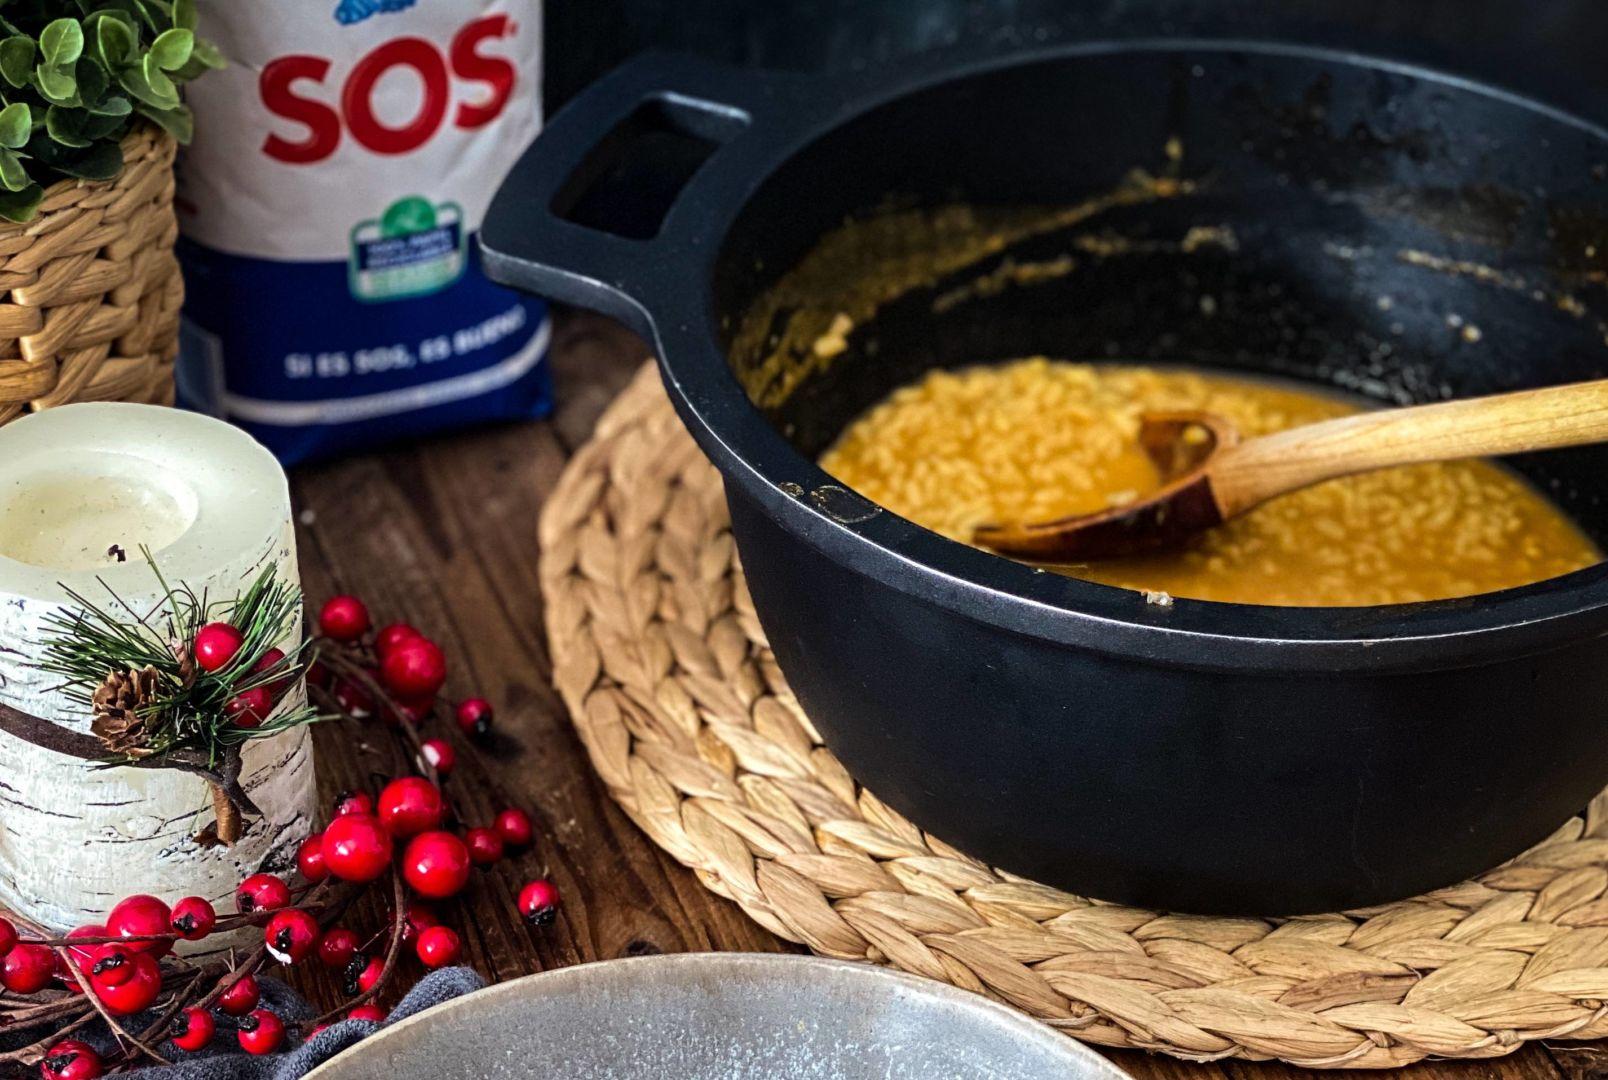 cazuela-con-arroz-meloso-de-gambones-y-paquete-de-arroz-sos-redondo